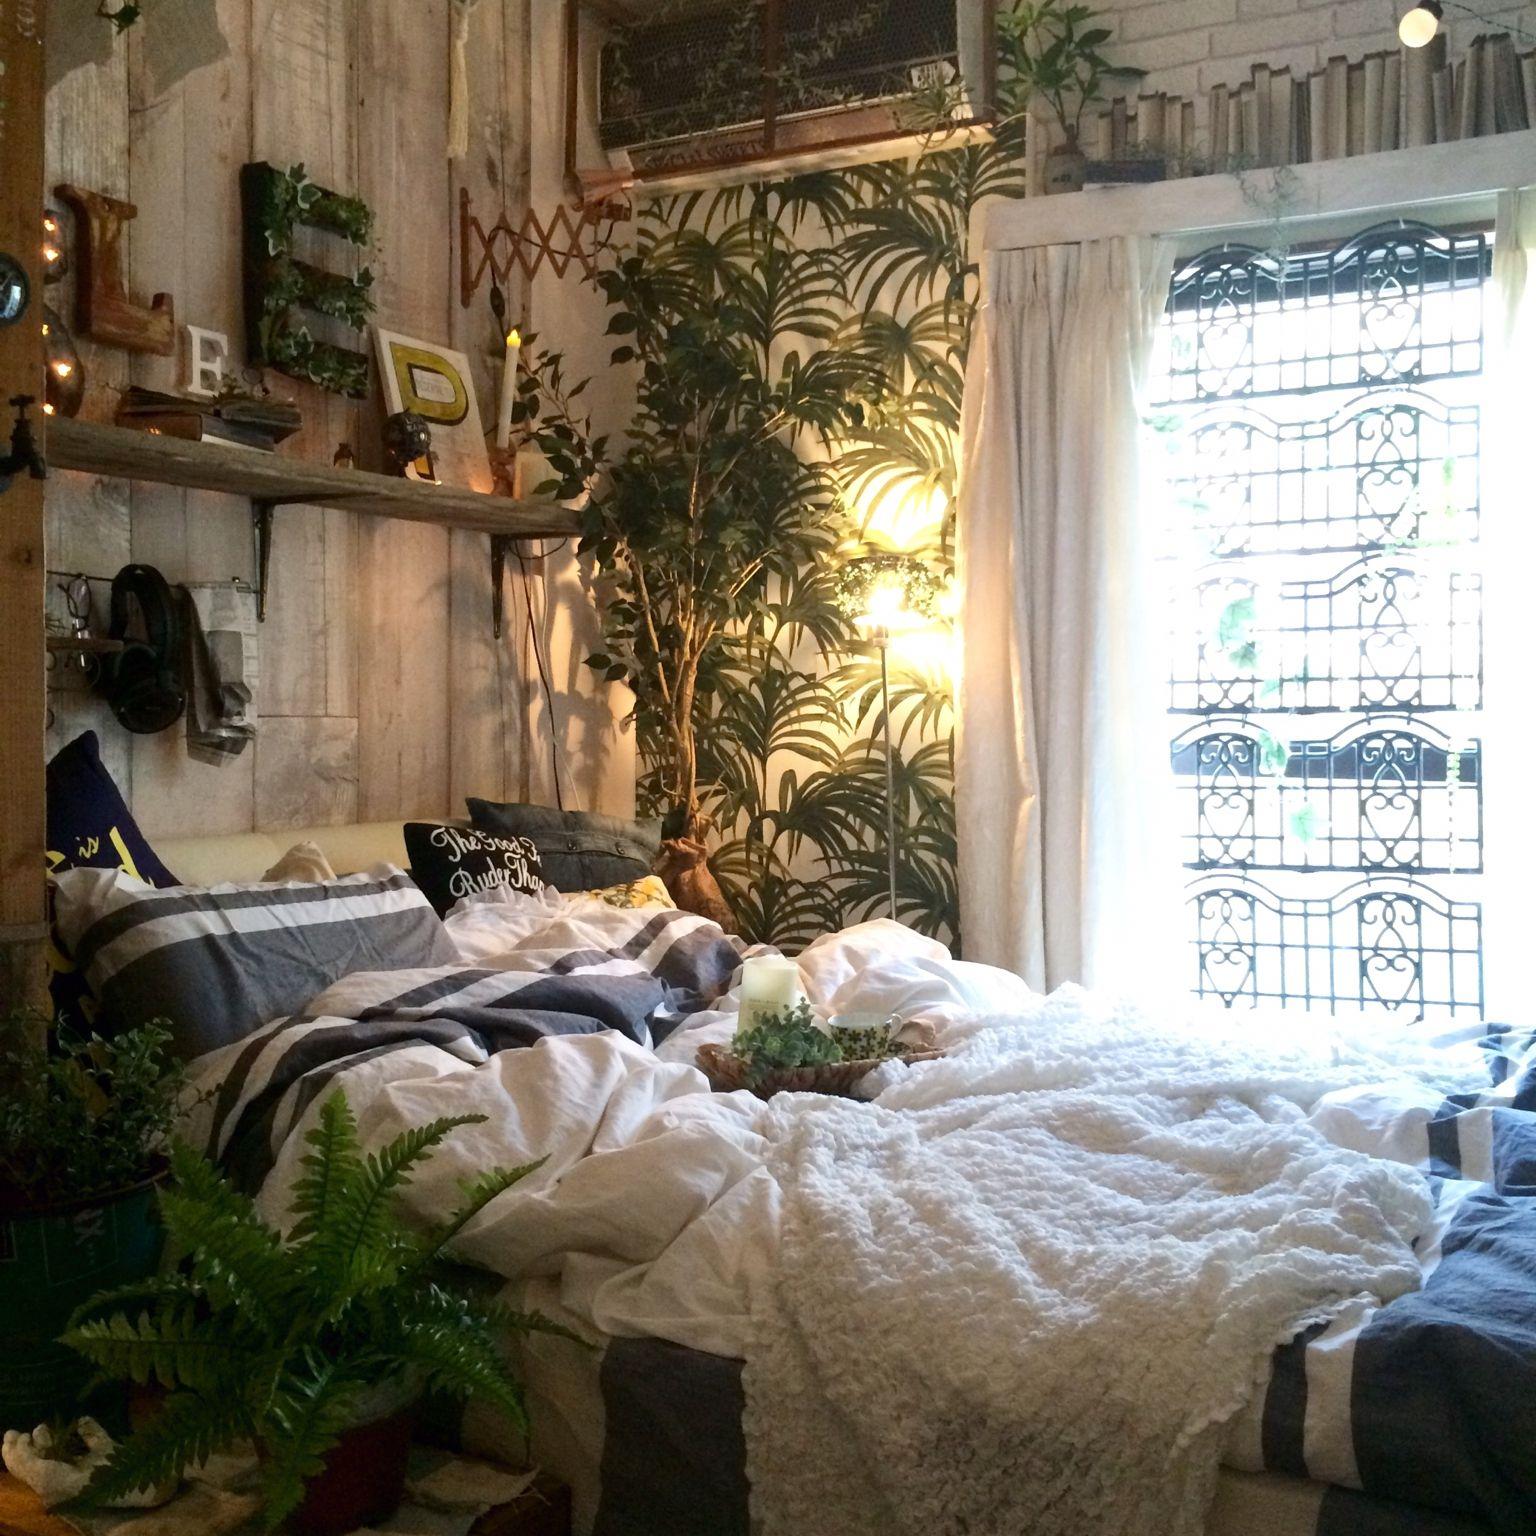 近頃の造花やフェイクグリーンの見た目は本物かと見間違えるほど精巧に造られているものが多くなりました 人工的な鮮やか色だけではなく 自然な落ち着いた色が再現できるようになり まるでアートのようです 更に 虫やカビが気になる場所にも飾れる利点 Bedroom